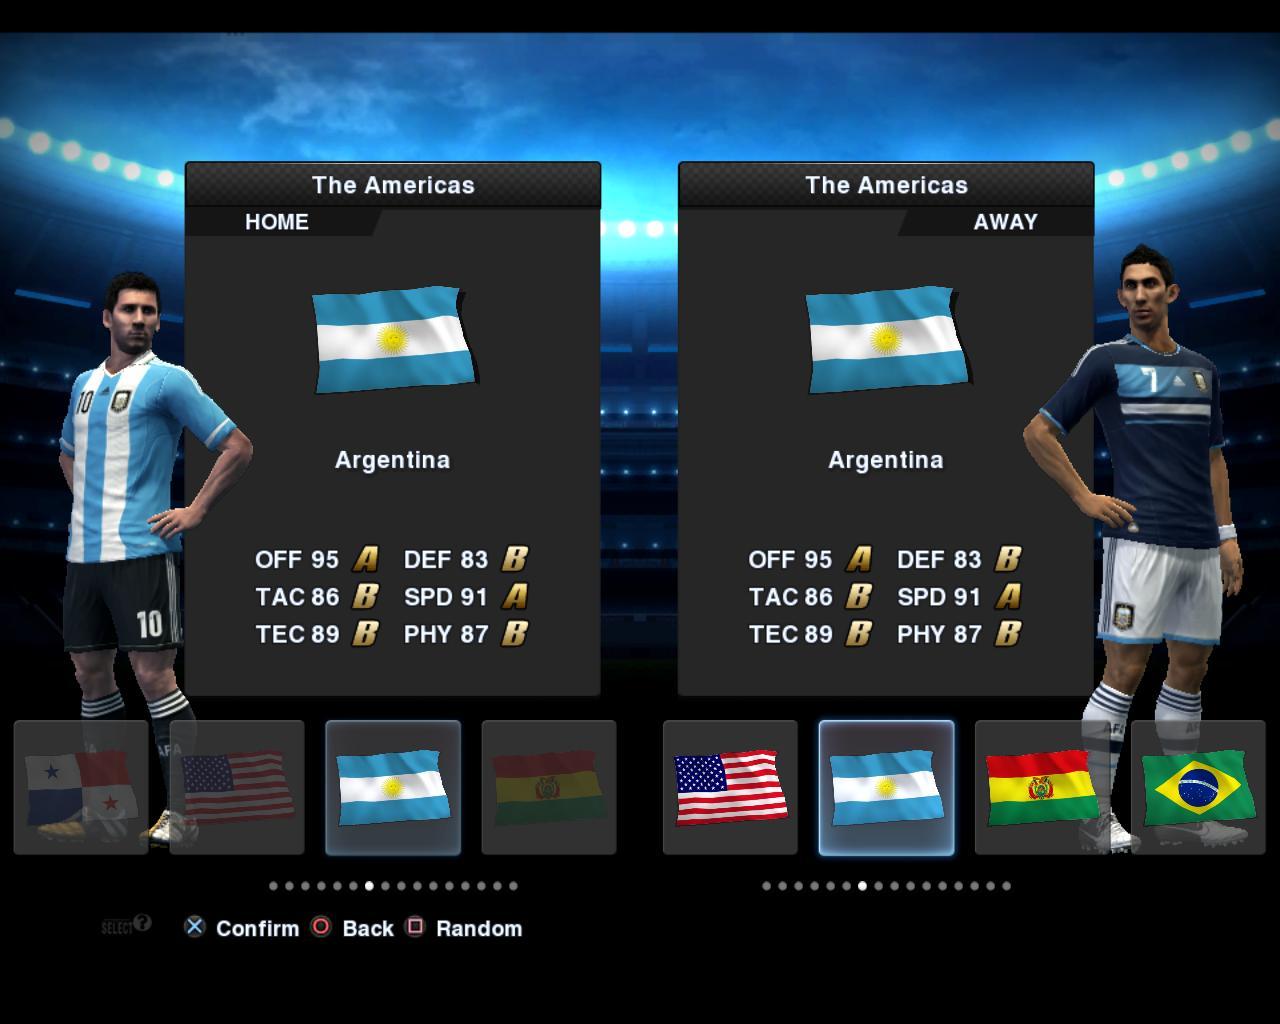 ... da seleção argentina para a temporada 2012 2013 para pes 2013